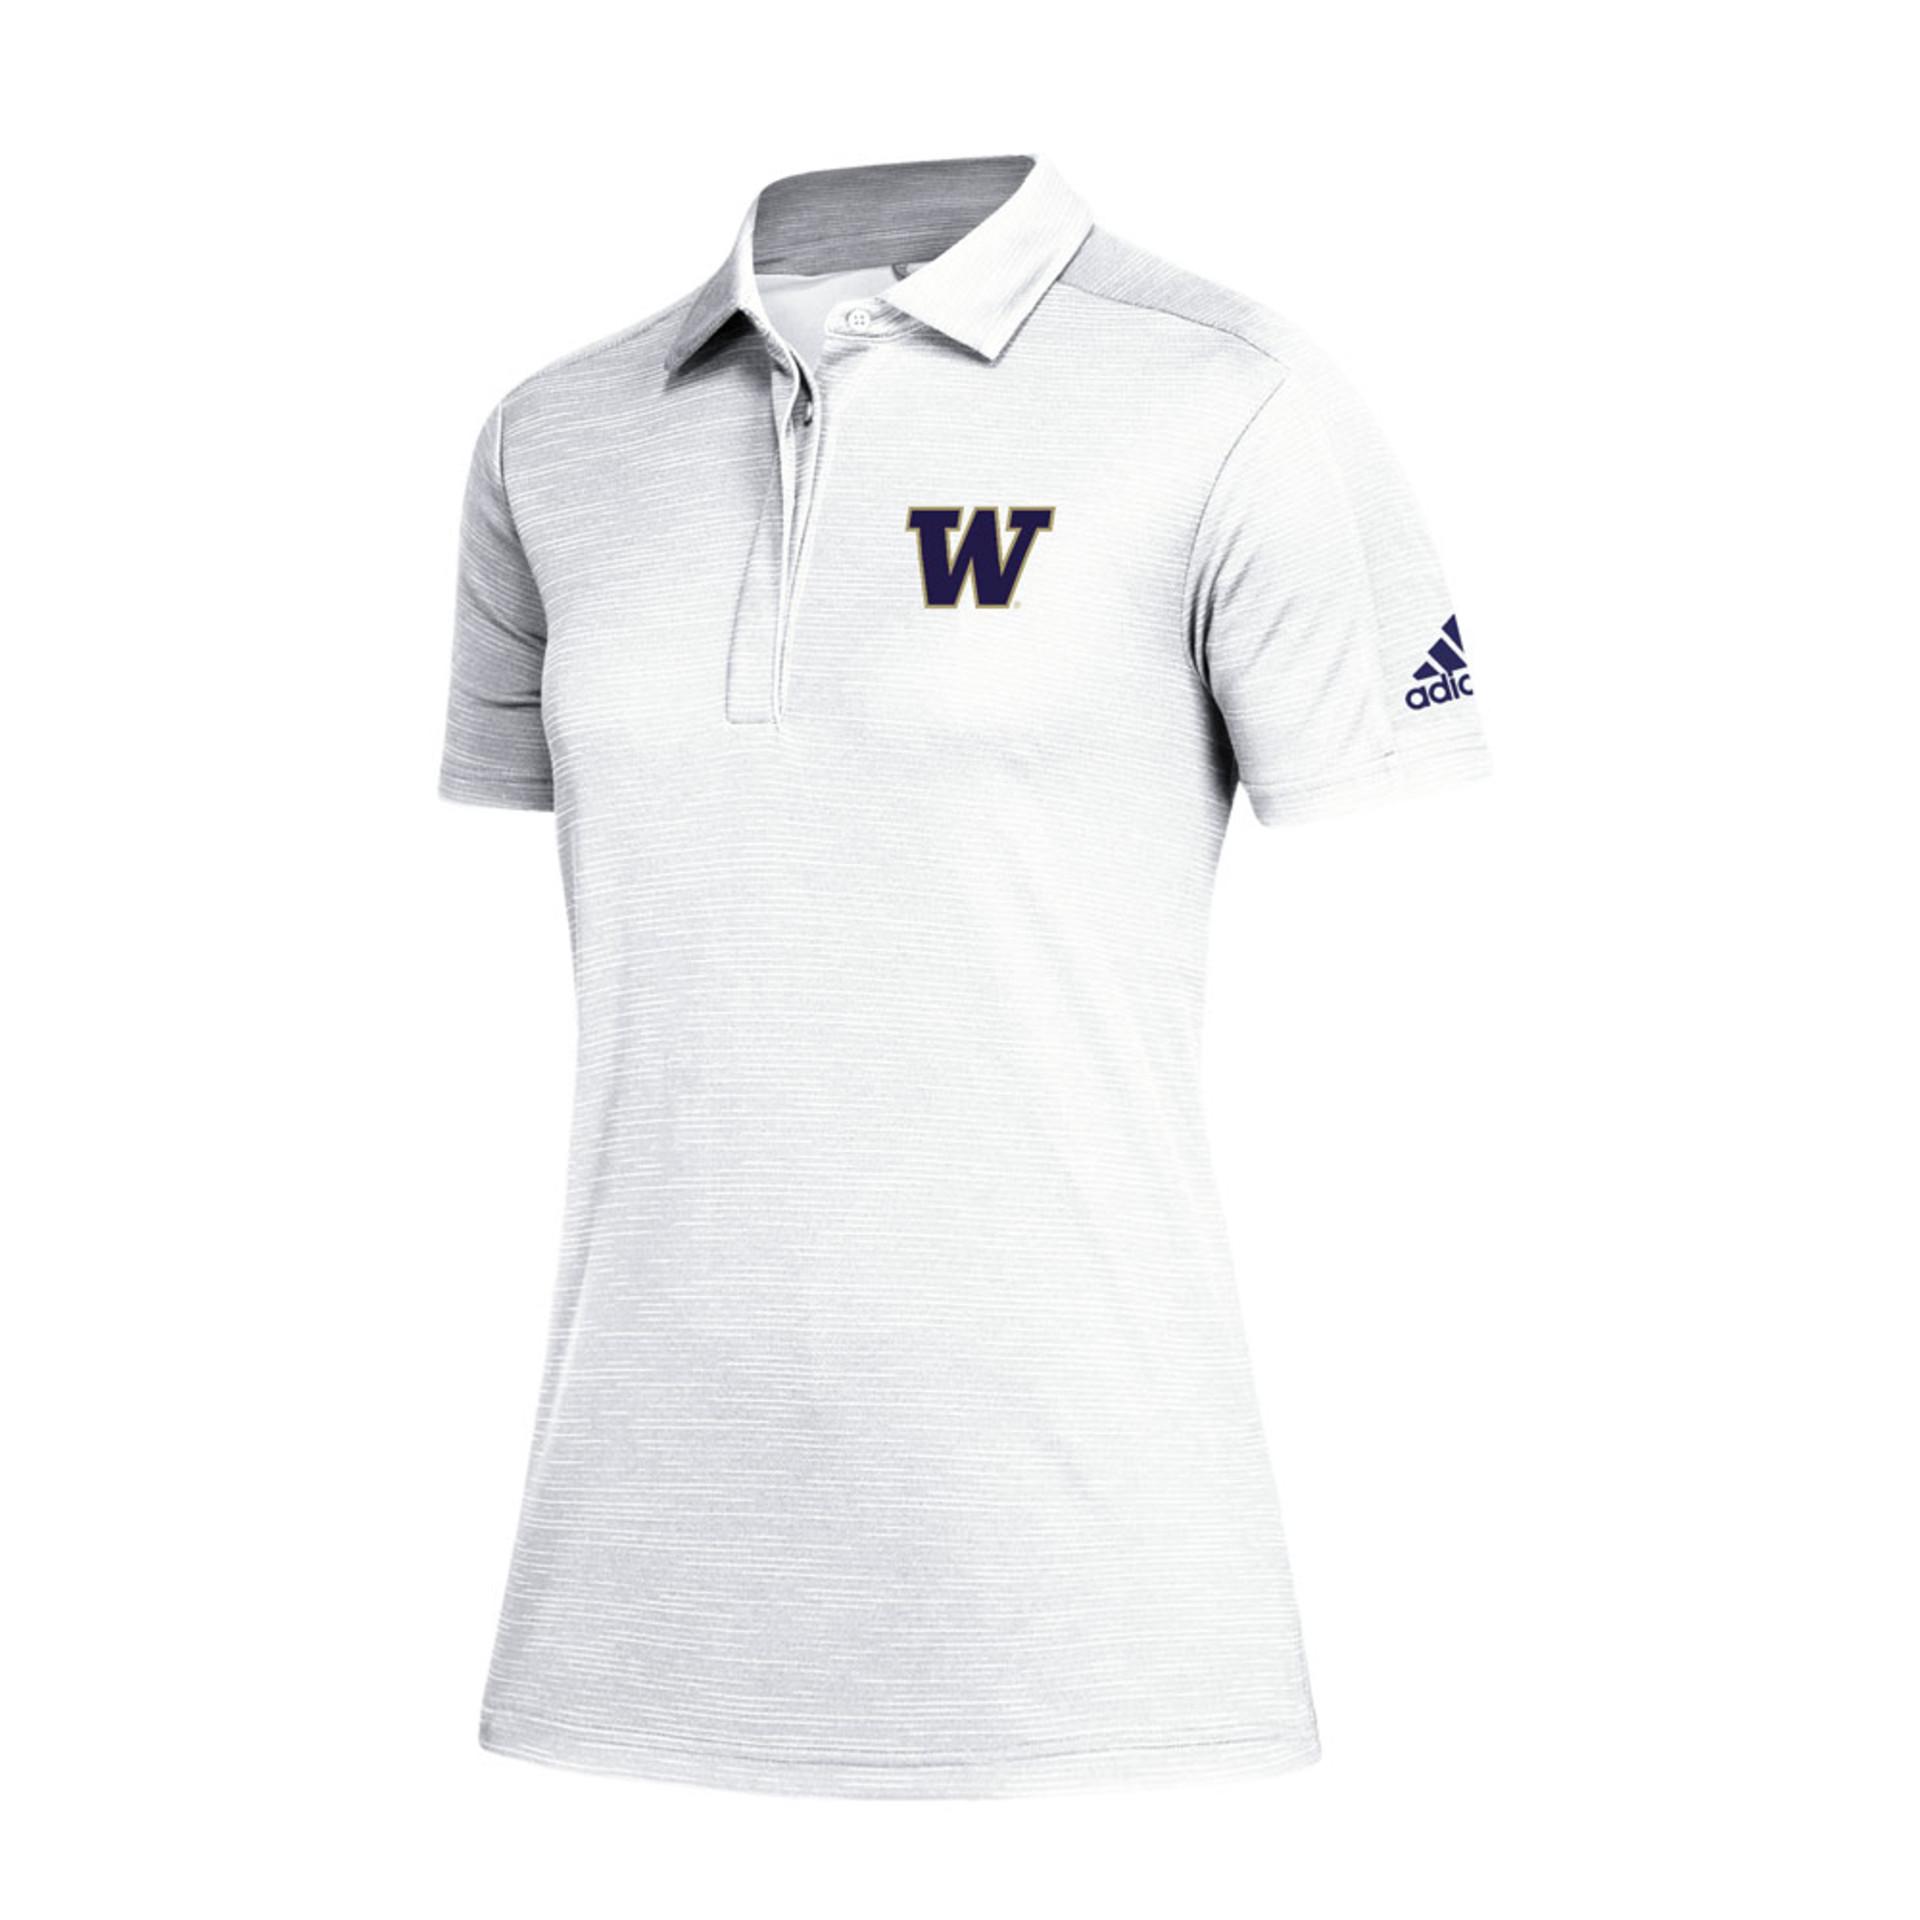 adidas Women's W Game Mode Climalite Polo – White